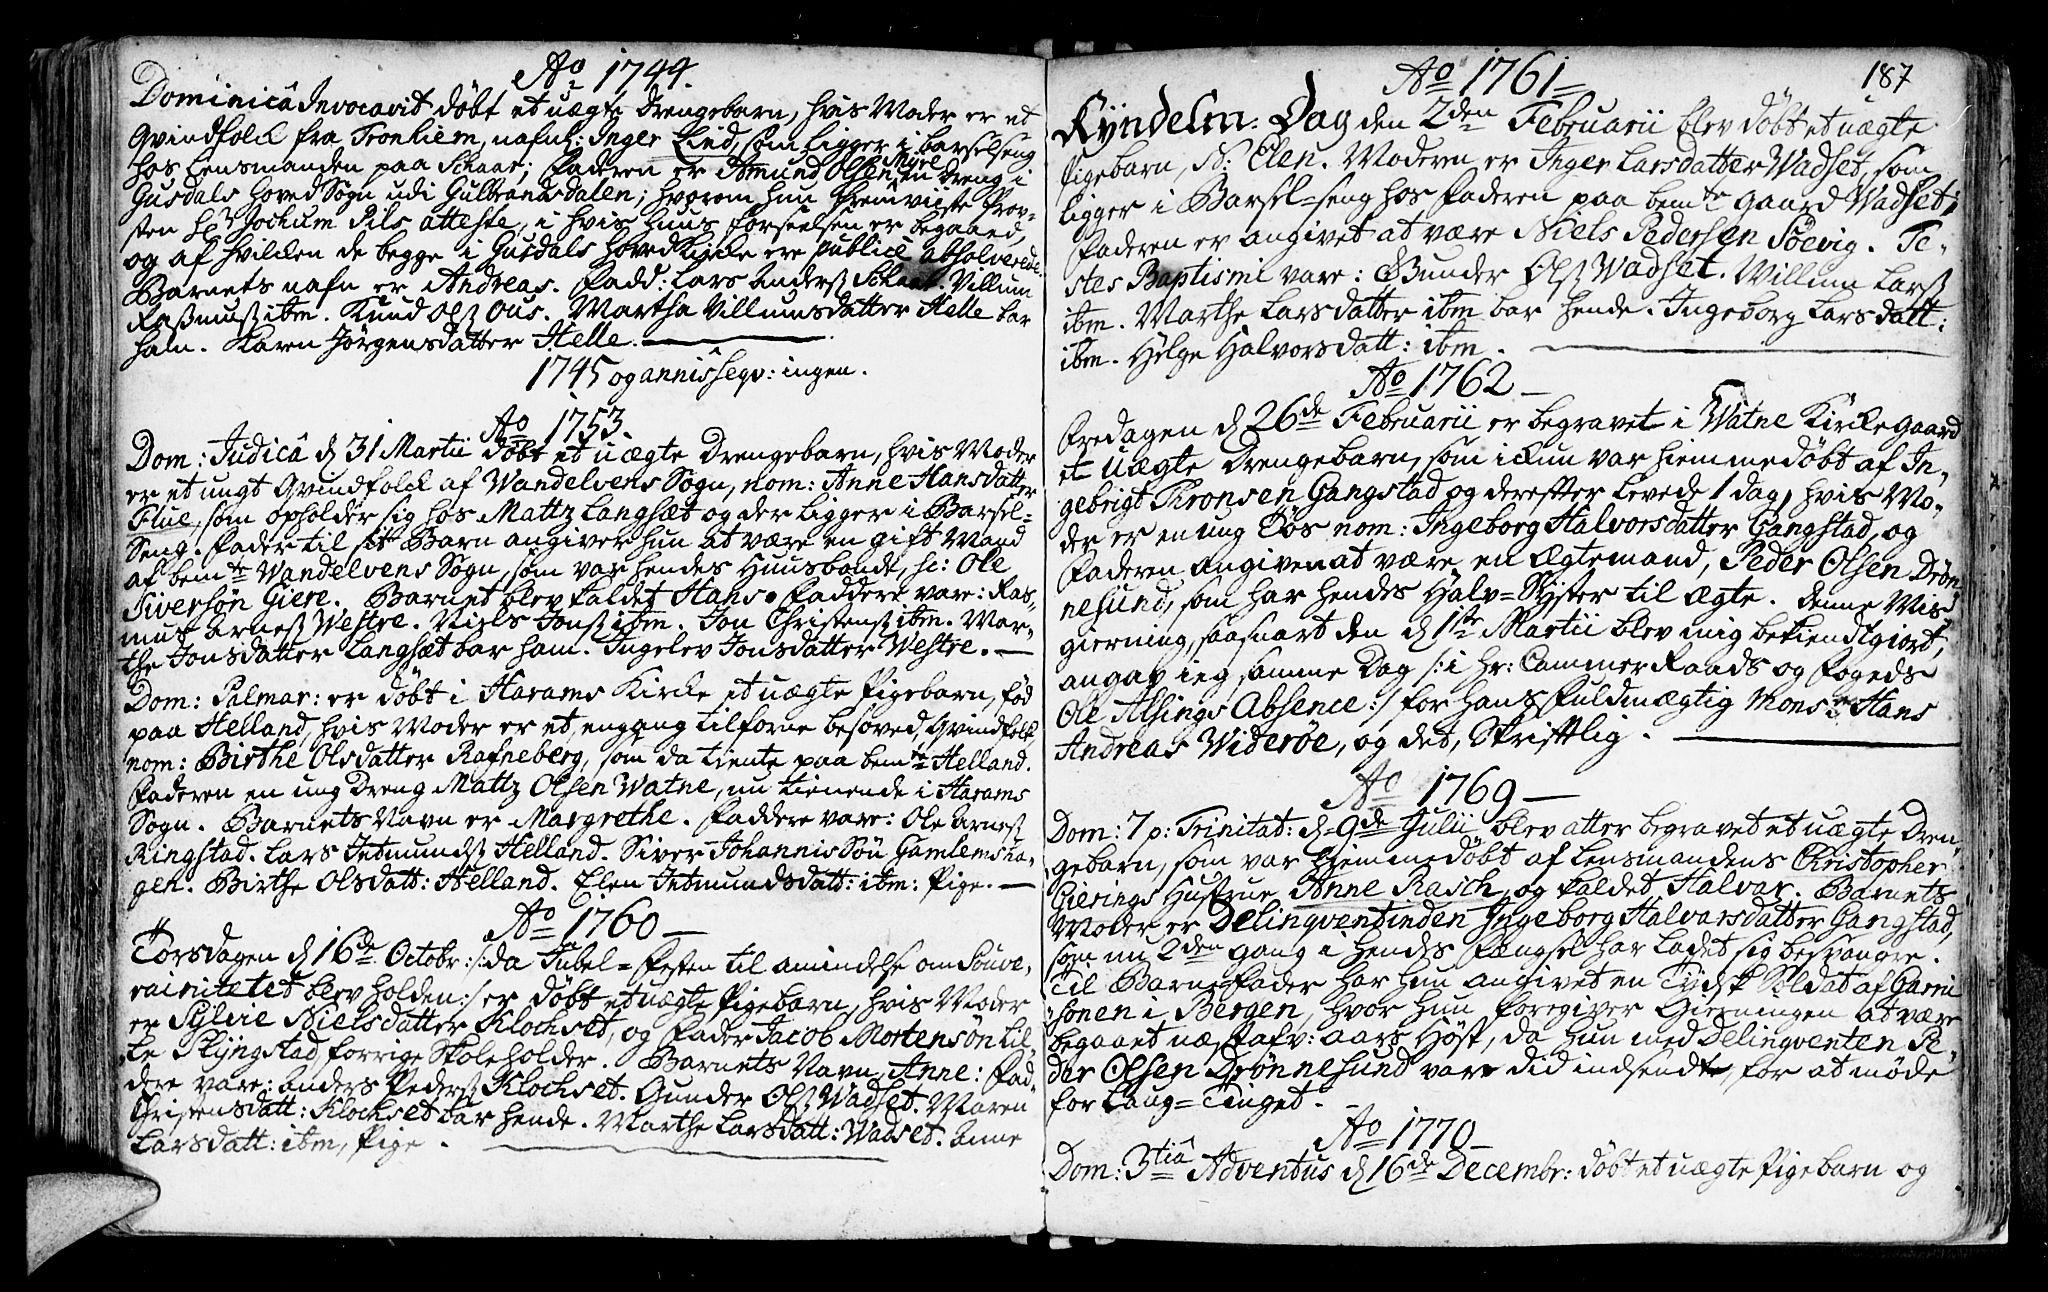 SAT, Ministerialprotokoller, klokkerbøker og fødselsregistre - Møre og Romsdal, 525/L0371: Ministerialbok nr. 525A01, 1699-1777, s. 187